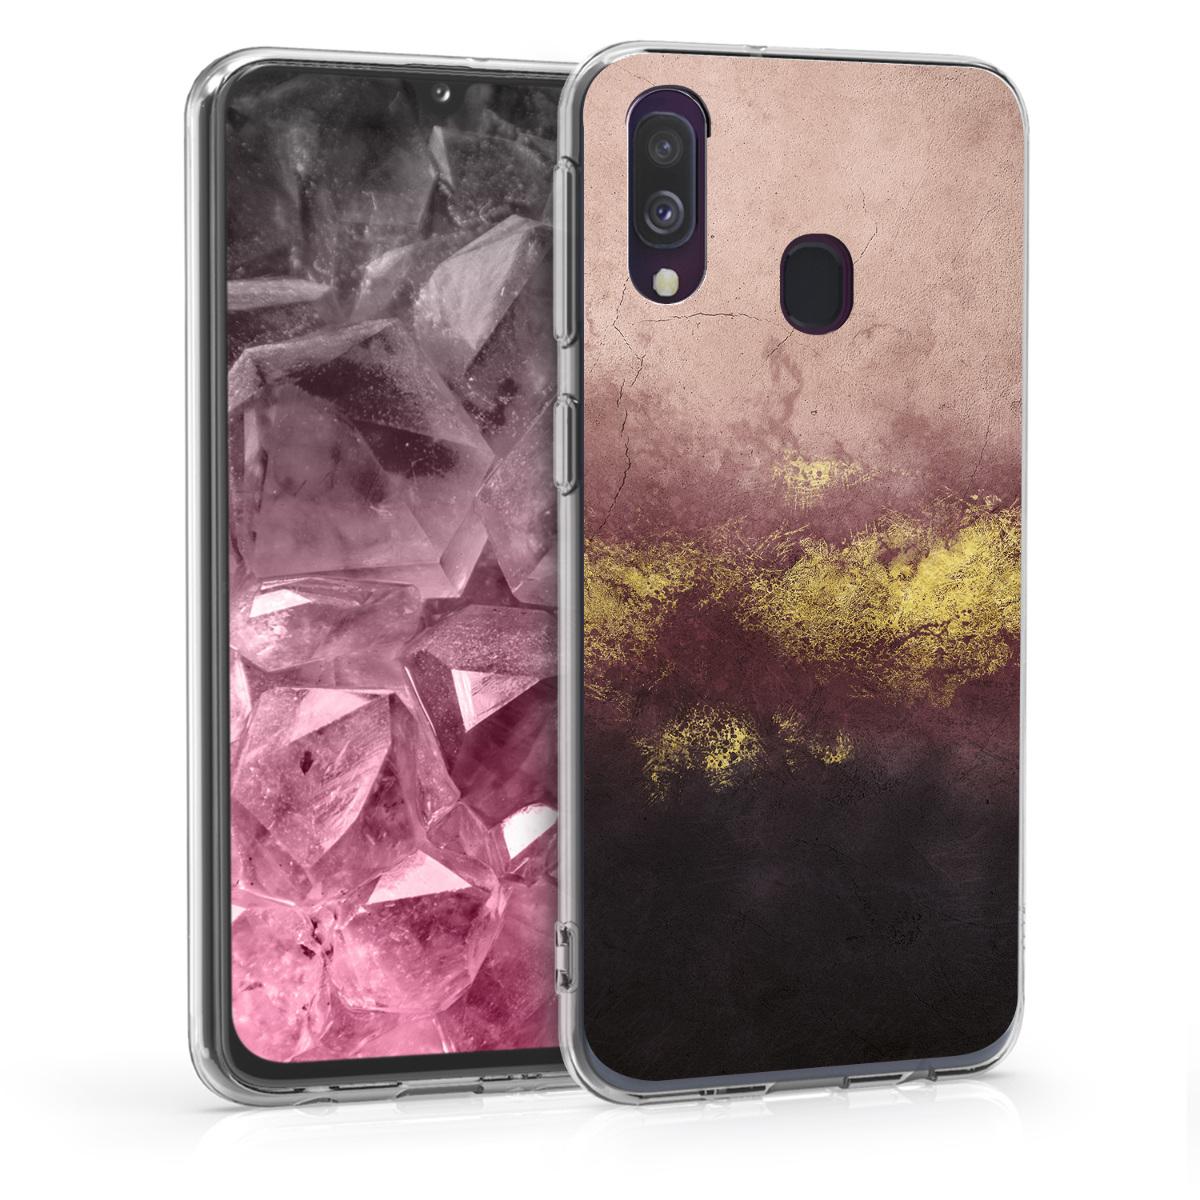 Kvalitní silikonové TPU pouzdro pro Samsung A40 - metalické Granite Gold / Dusty růžové / černé